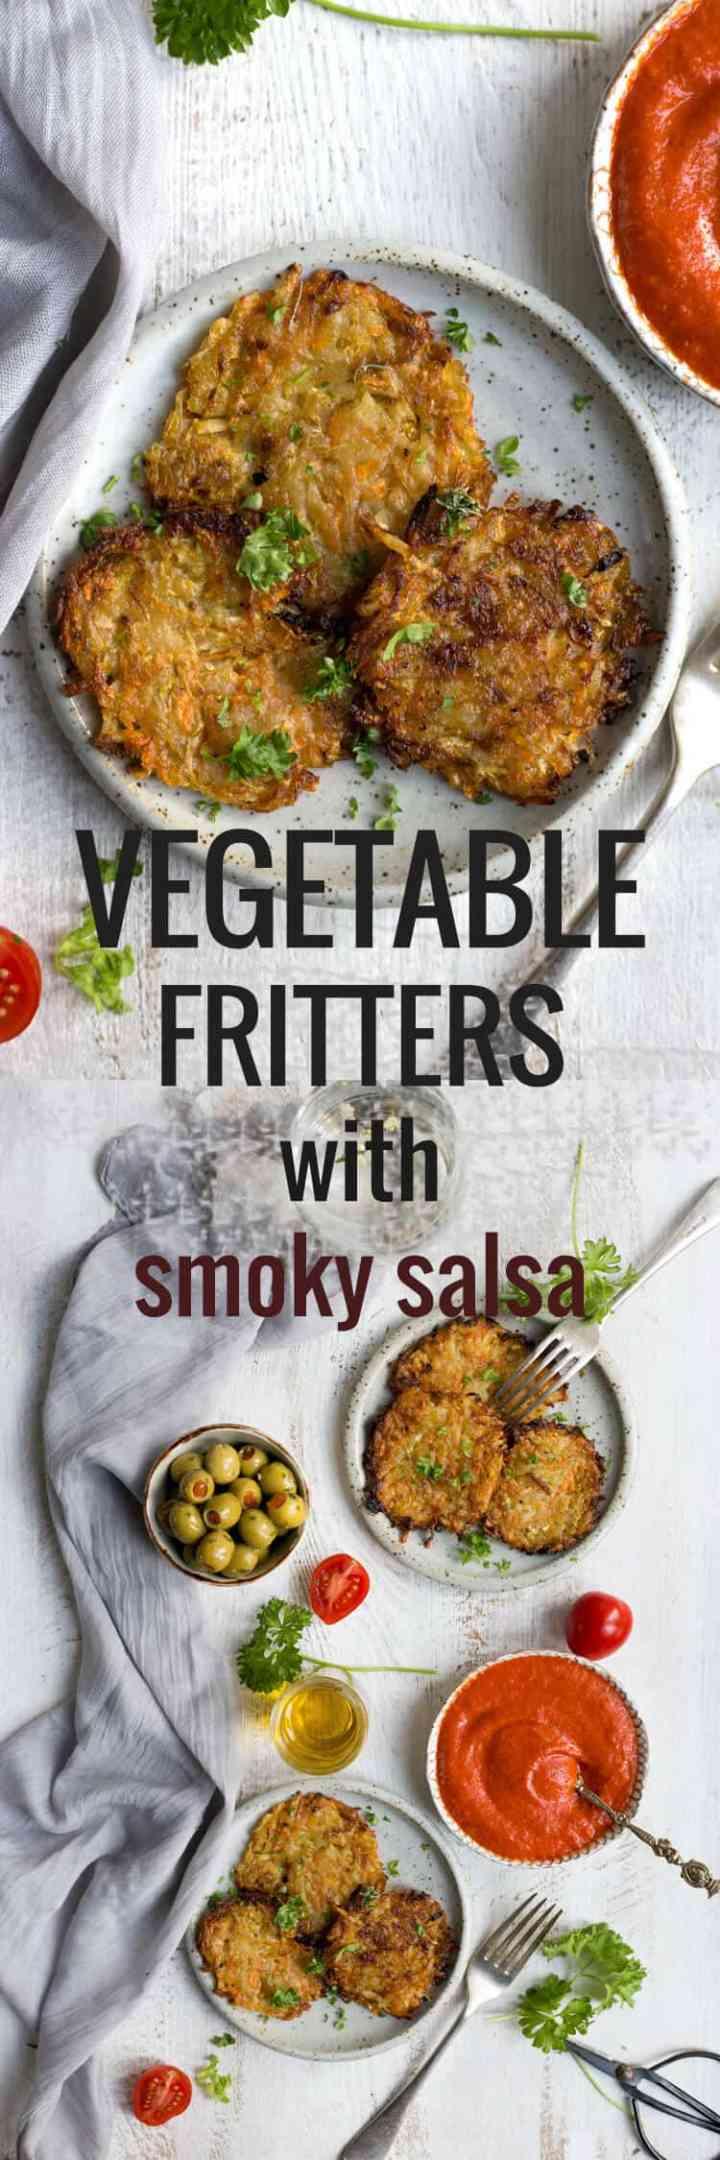 Vegetable fritters with smoky tomato salsa | via @annabanana.co